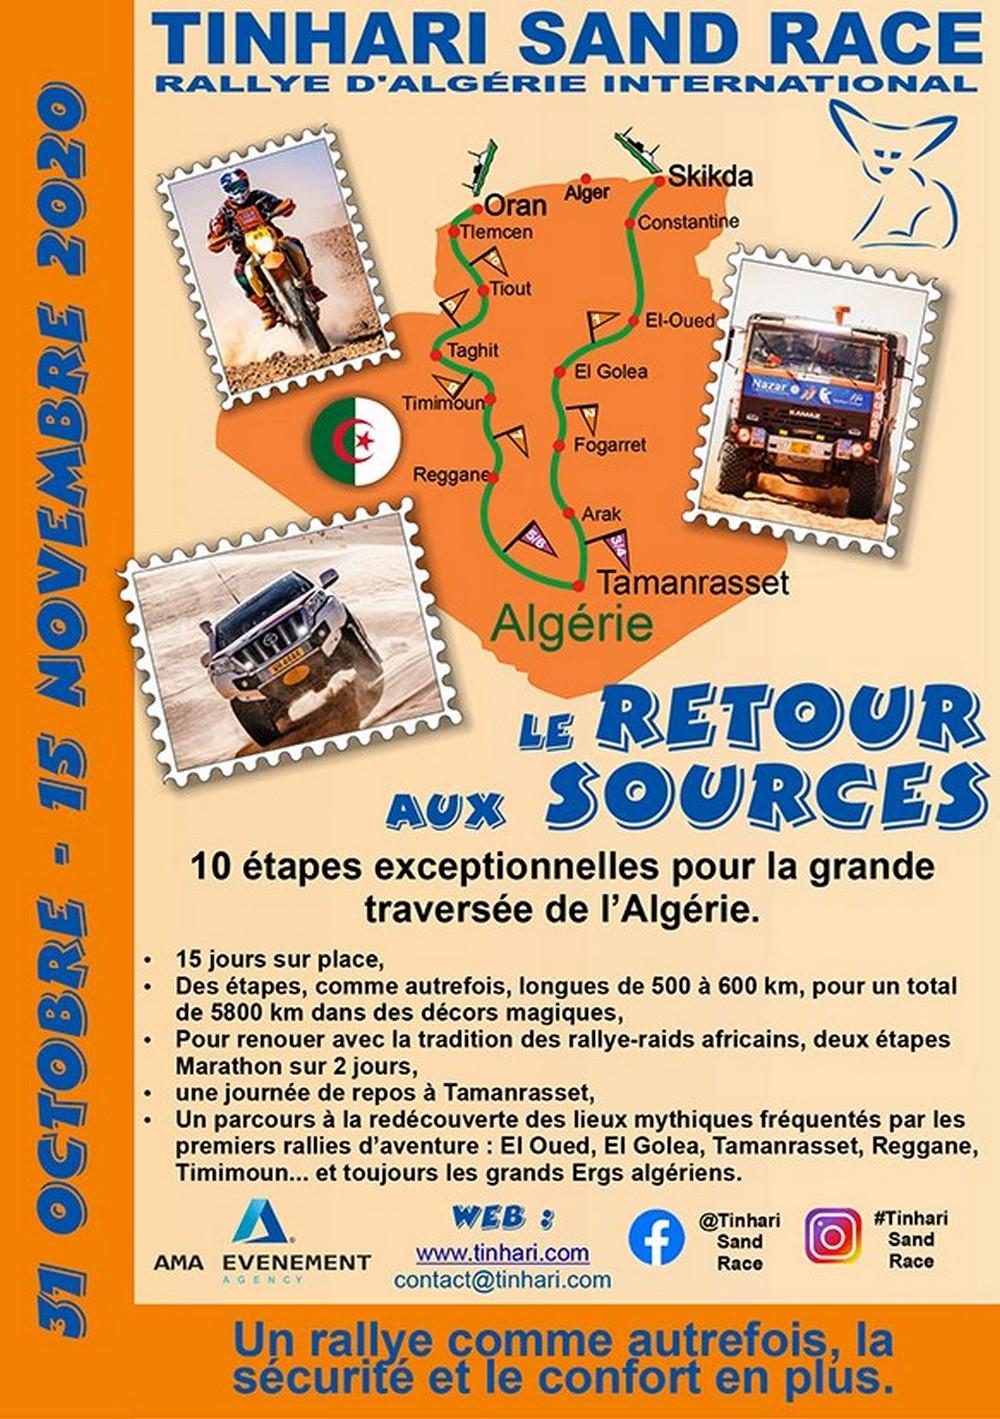 Tinhari Sand Race : Rallye Raid du 31 Octobre au 15 Novembre 2020